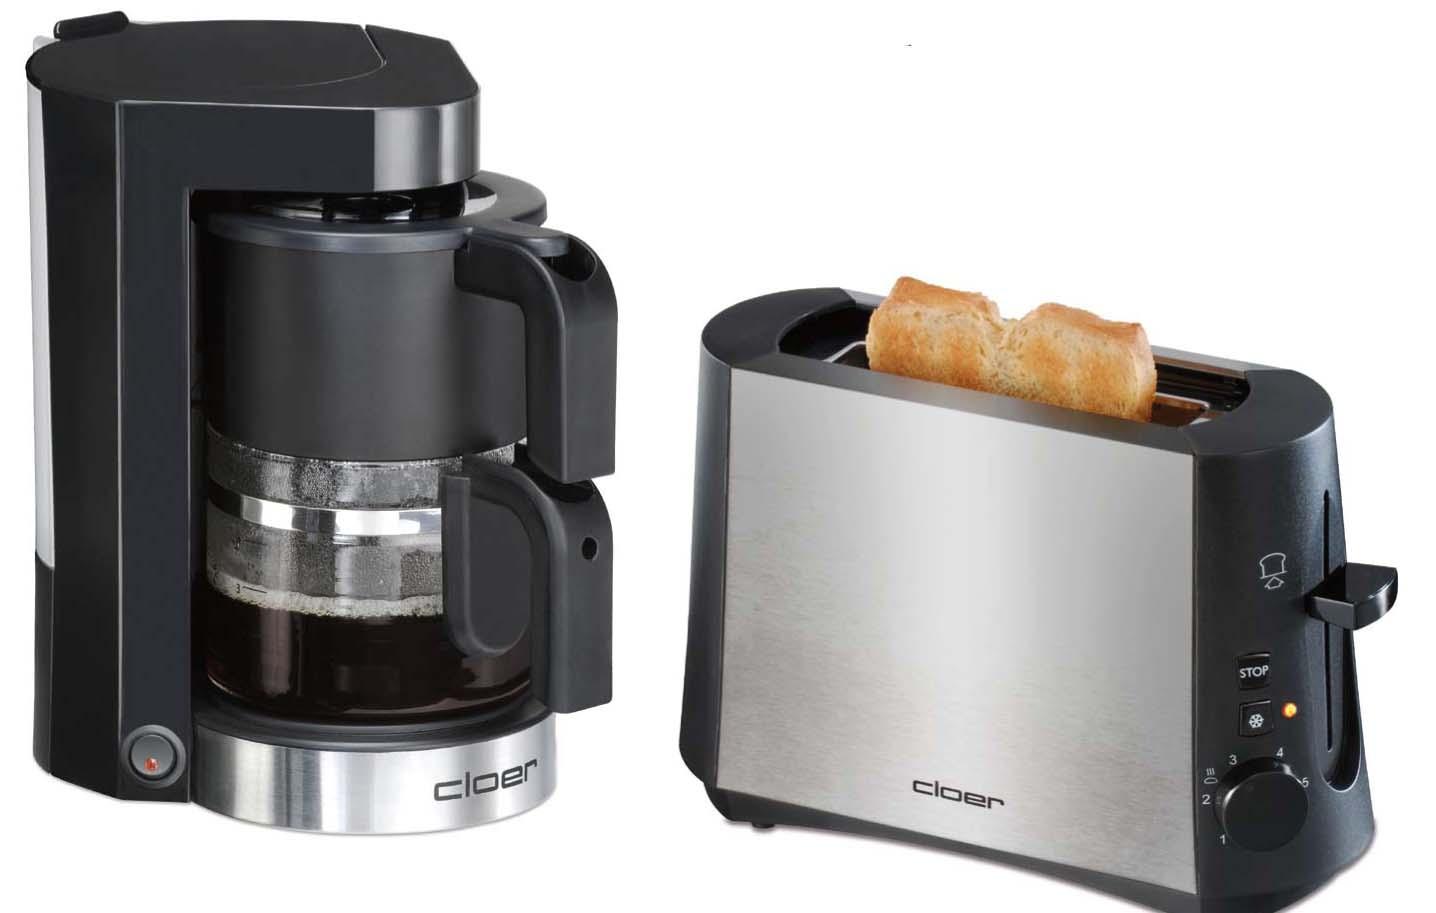 Cloer 3890 Toaster und Cloer 5990 Filterkaffeeautomat - Für\'s Glück ...